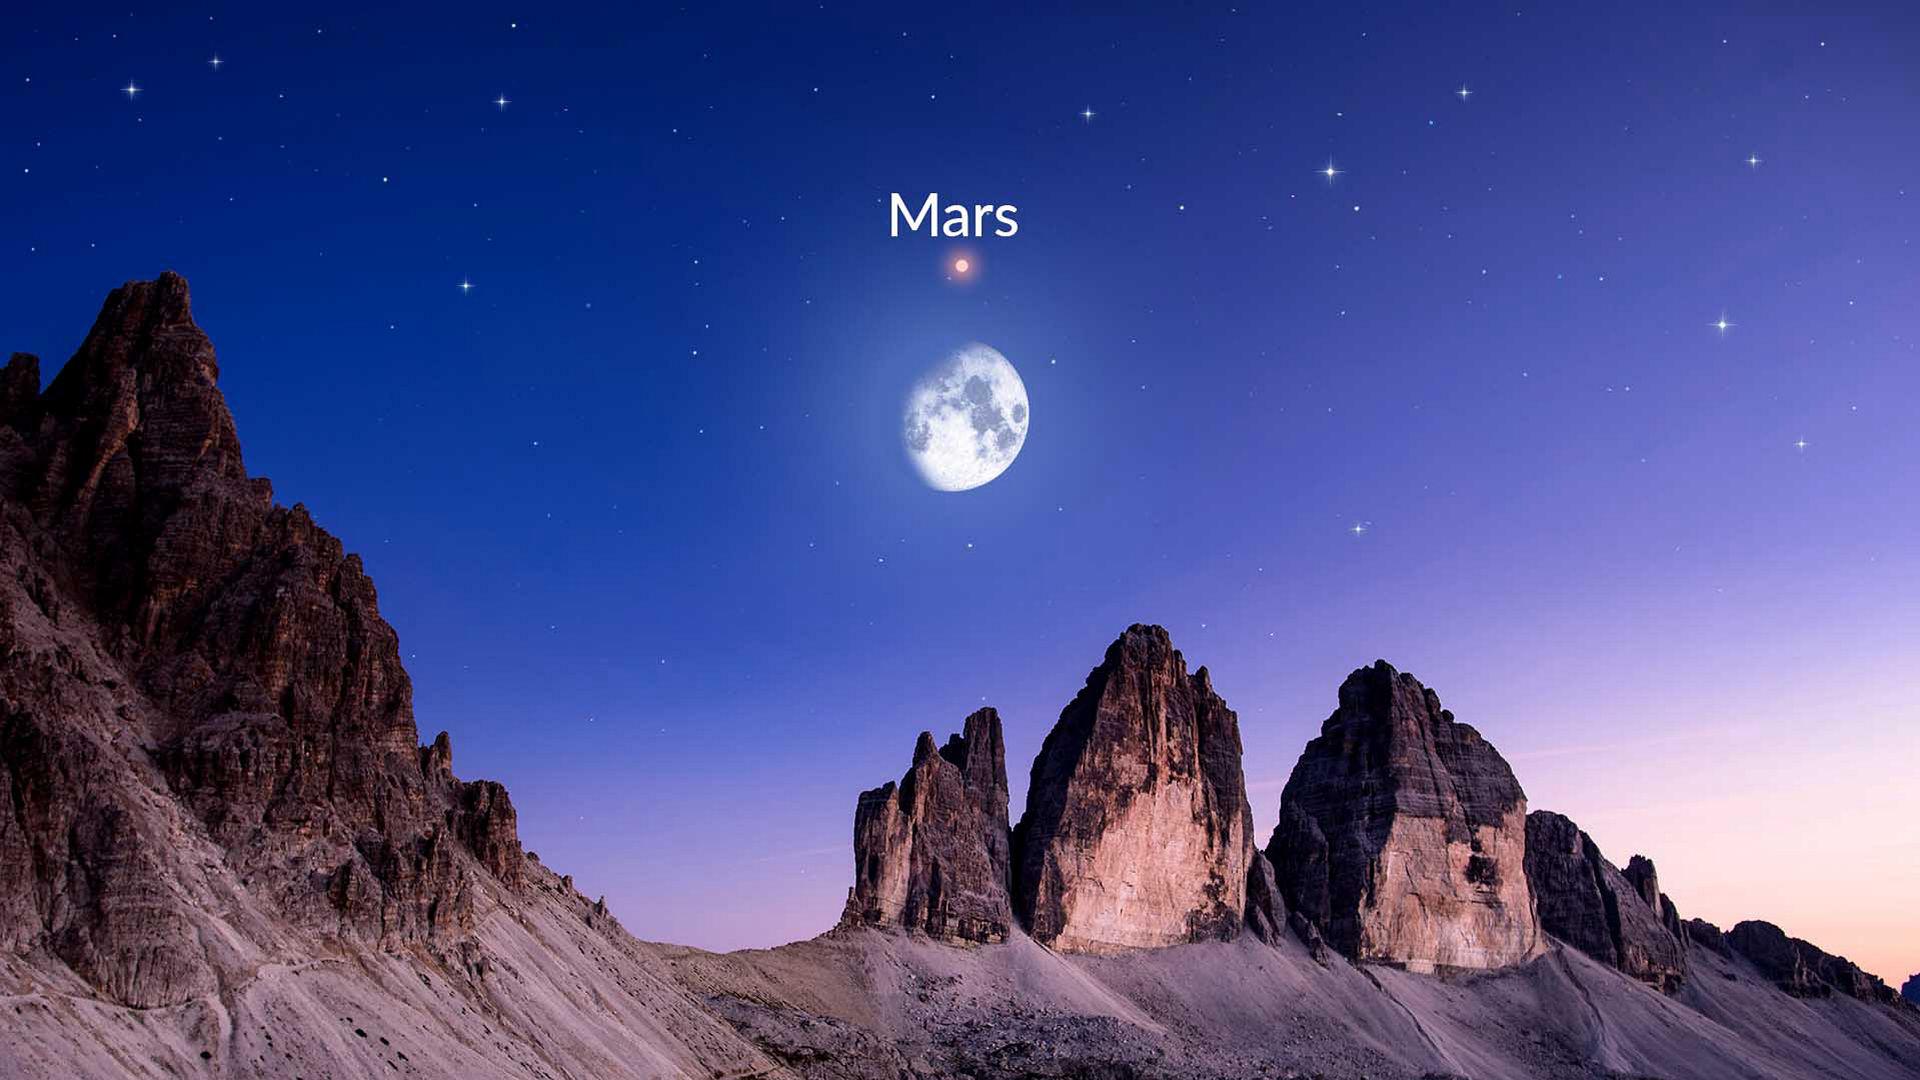 Mond und Mars tanzen zusammen am Nachthimmel